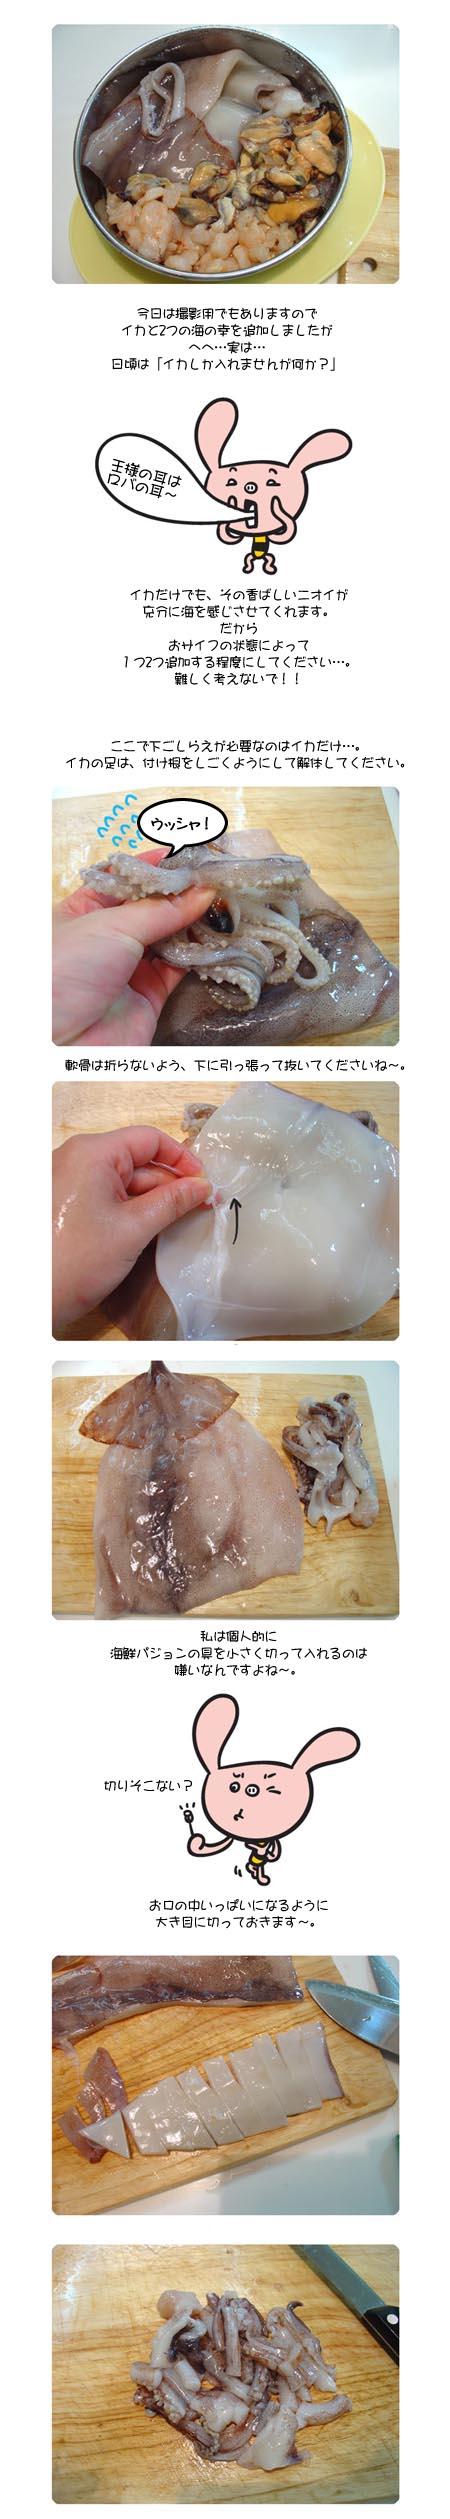 海鮮パジョン/海鮮ネギチヂミ